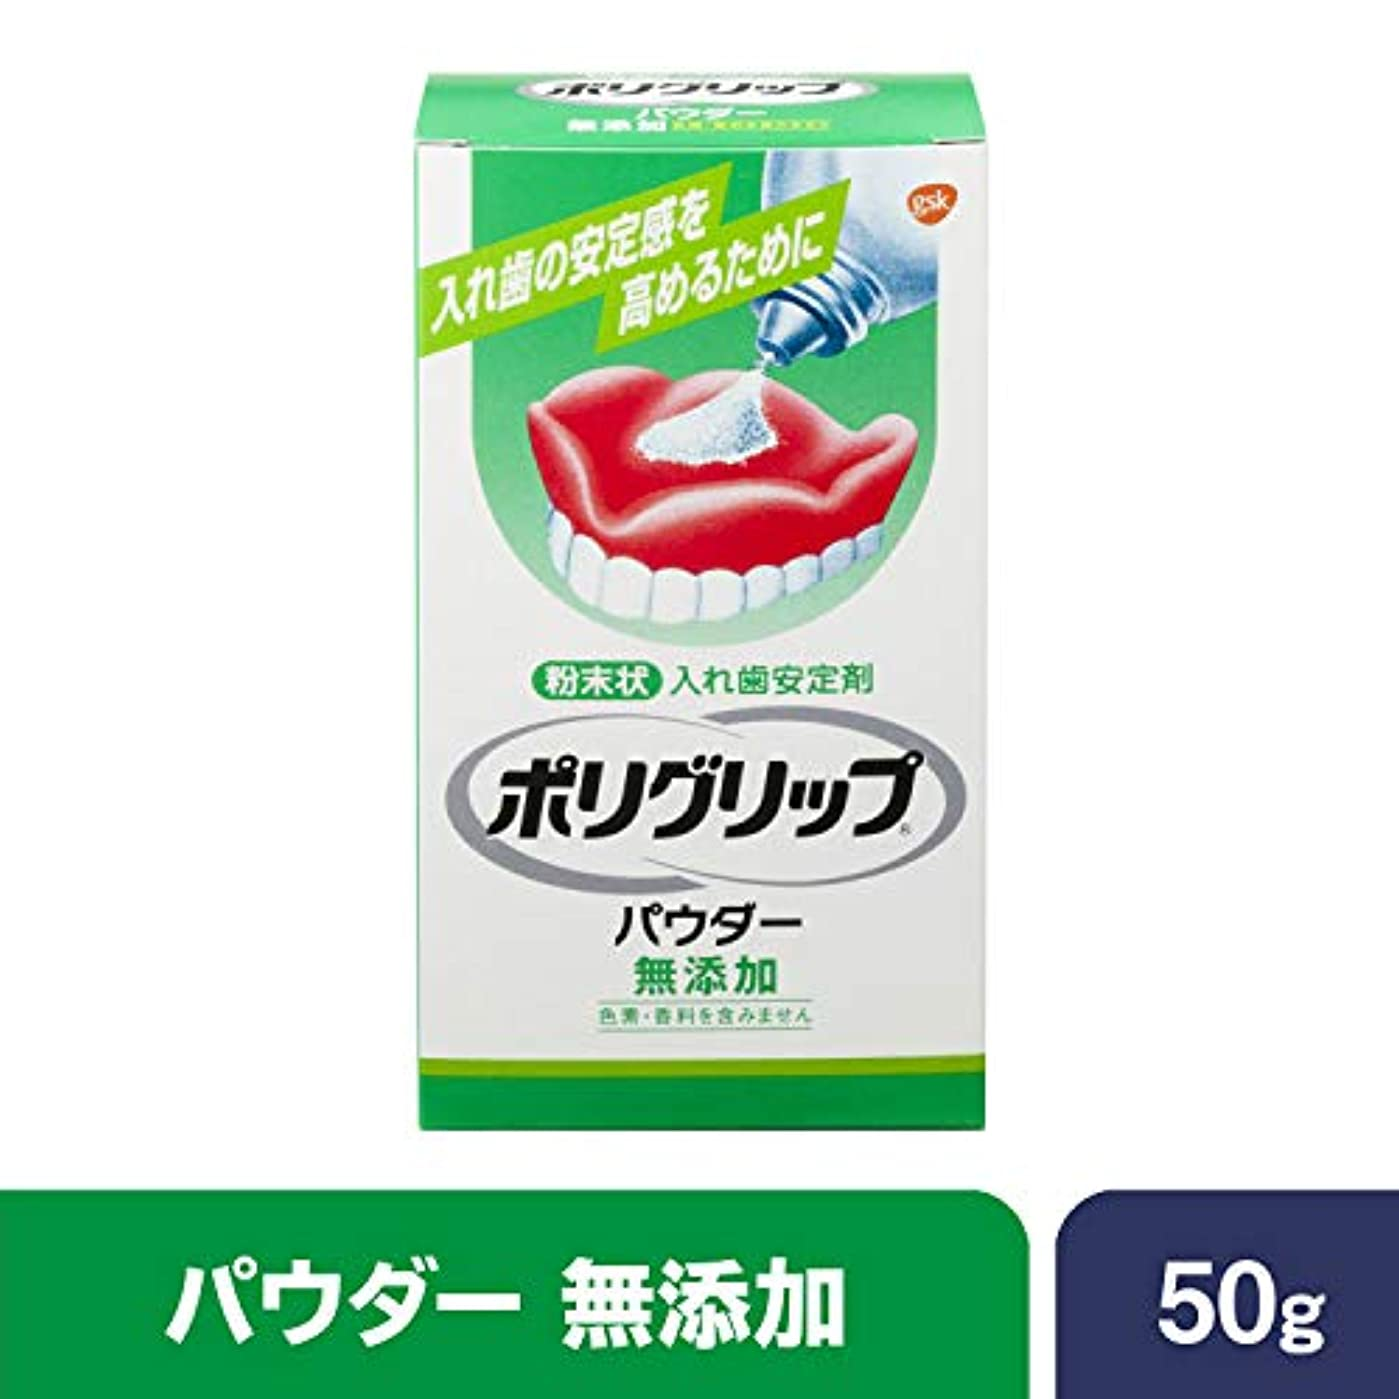 適応的素子スポンサー入れ歯安定剤 ポリグリップ パウダー無添加 50g